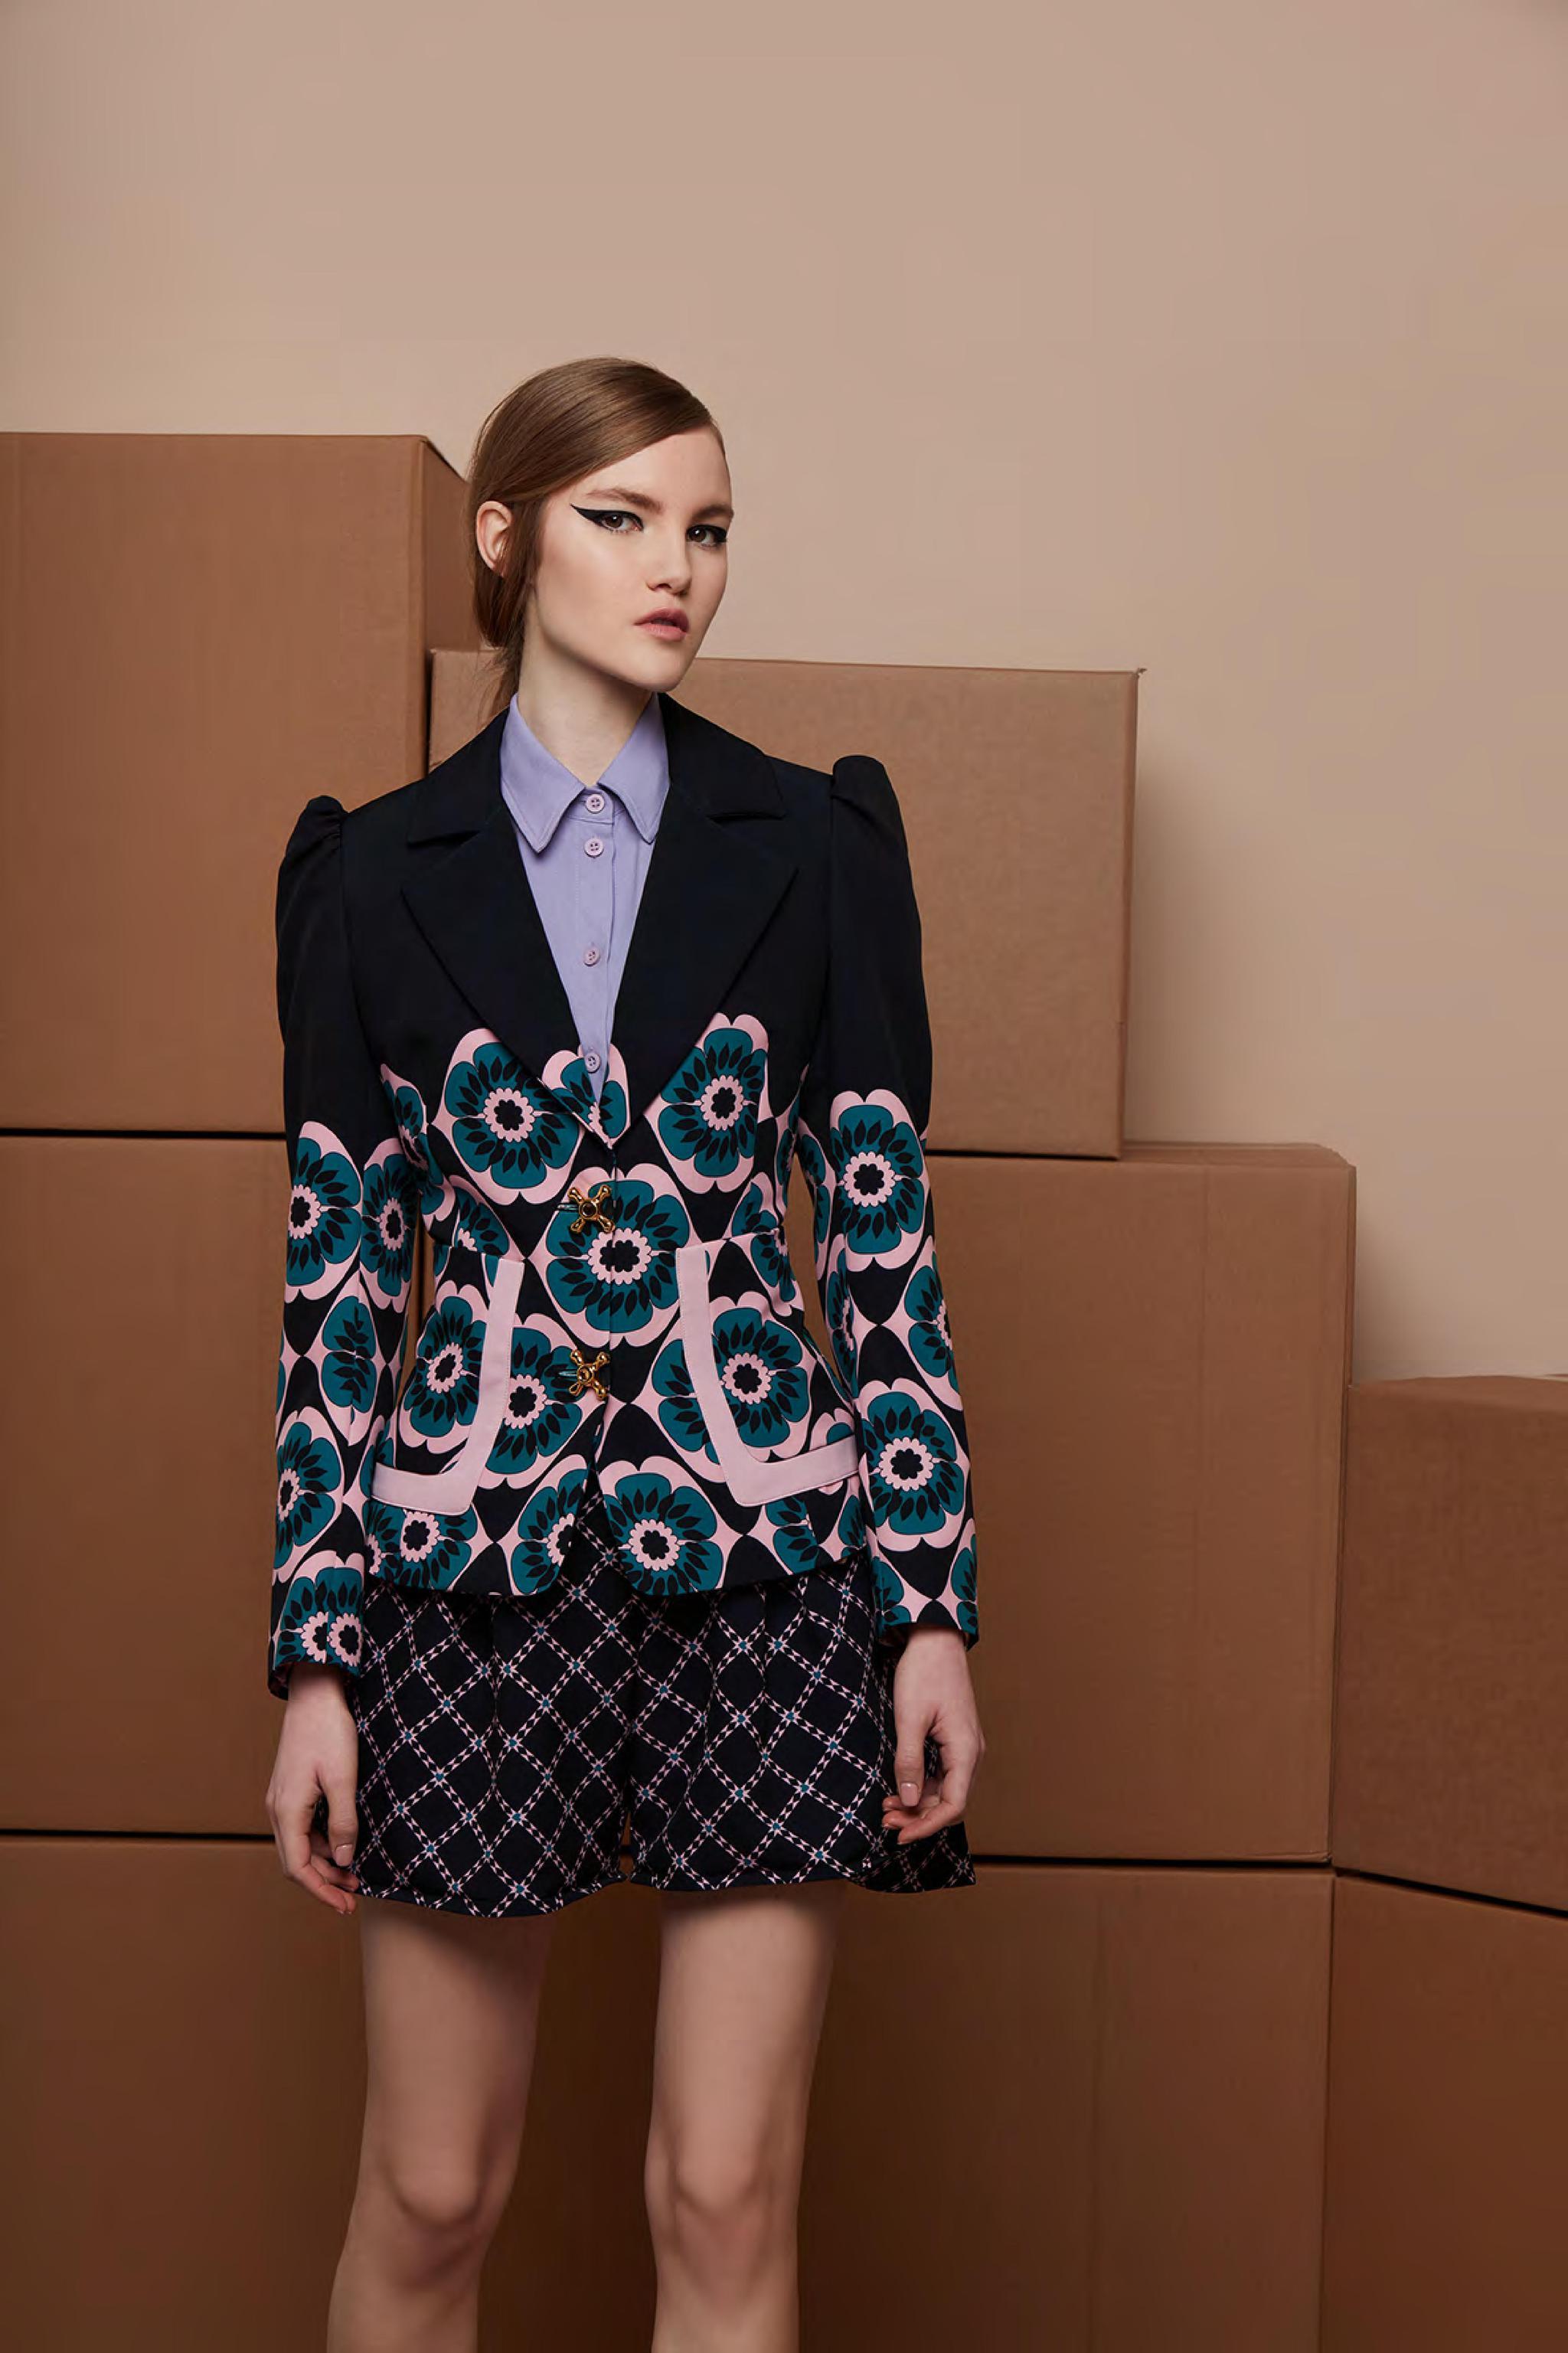 独立自由,充满可能 MAGshowroom名家陈列室甄选欧洲高端时装品牌2020秋冬系列